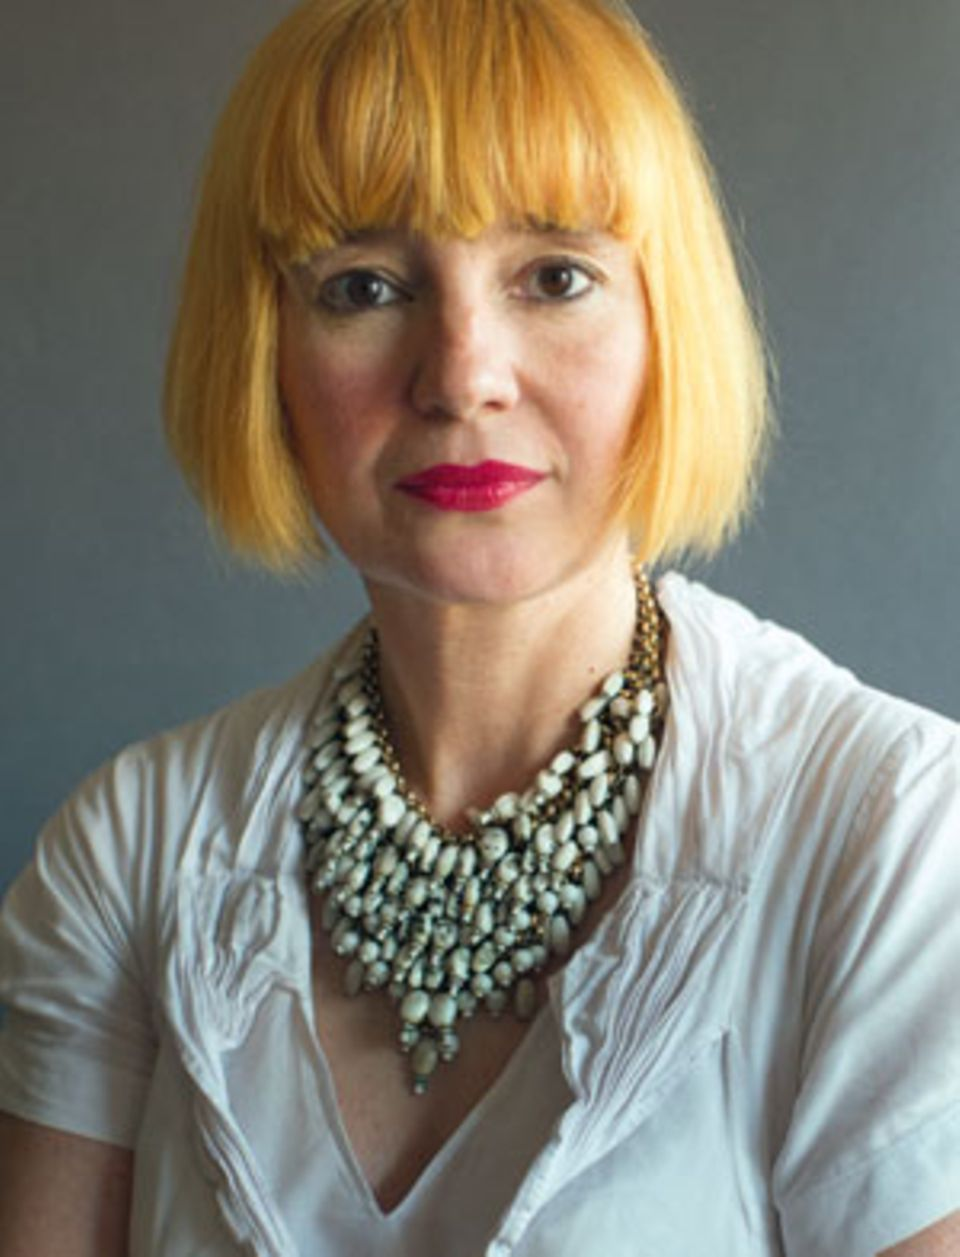 »Ich wünsche mir, die Sinnlichkeit des Alters zu erleben « Astrid Schulz, 49